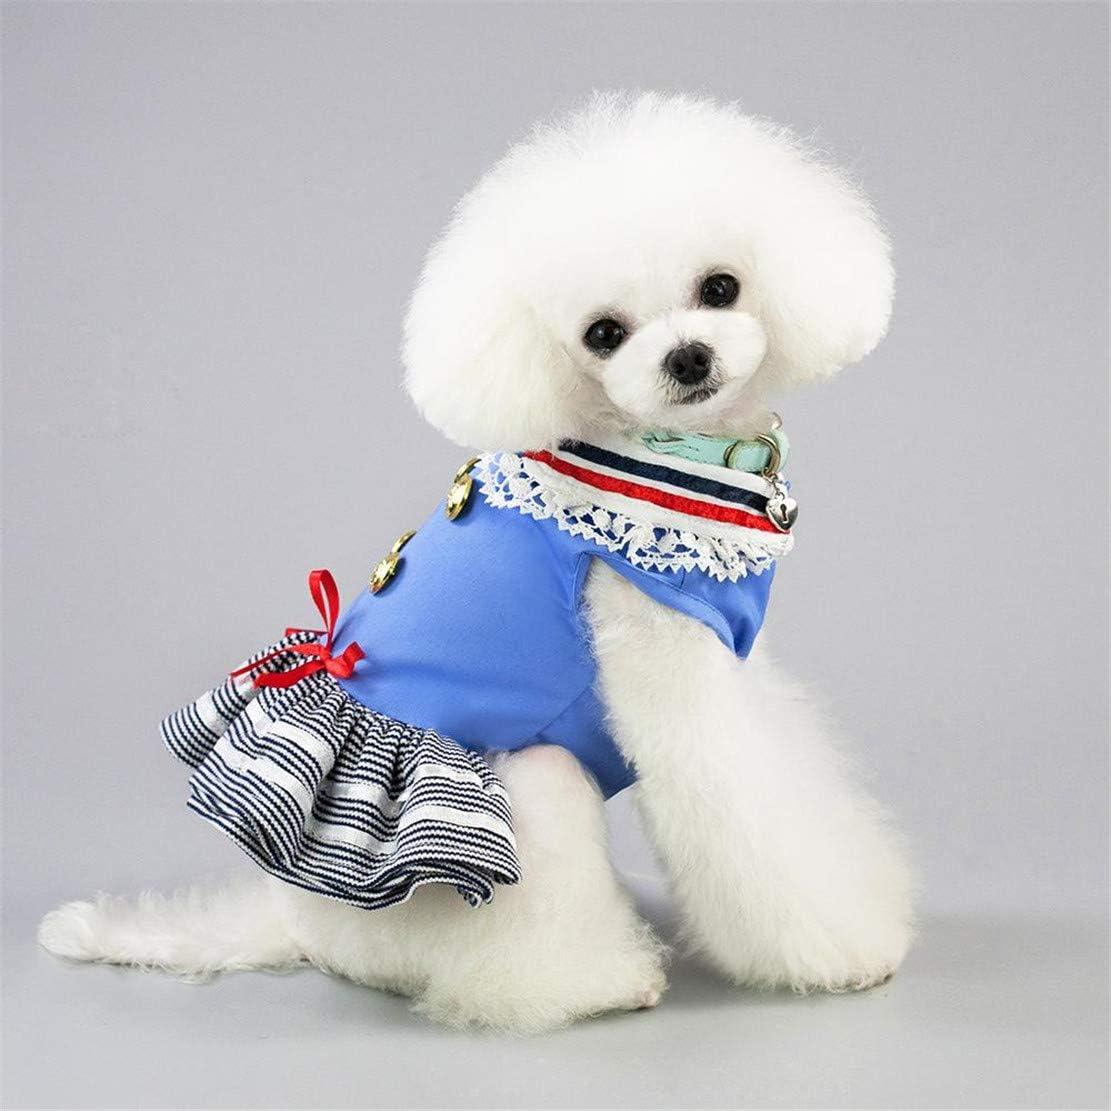 GODGETS Falda de Boda del Perro Falda Encantadora del Caramelo Ropa para Mascotas Vestido De Cachorro Disfraz,Azul Claro,XS